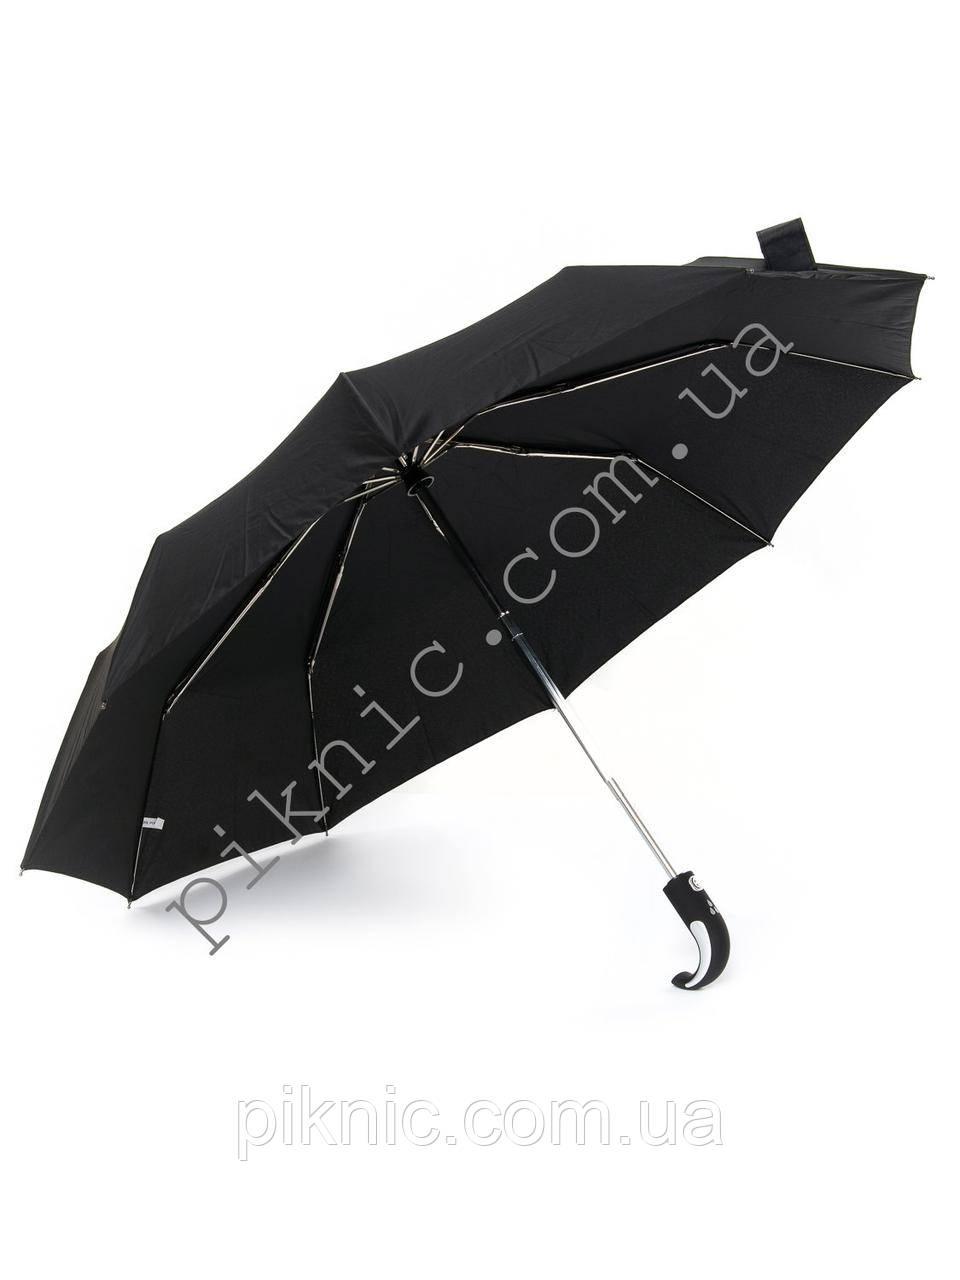 Компактный мужской зонт от дождя. Автомат. Диаметр купола 100 см. Спицы из нержавейки